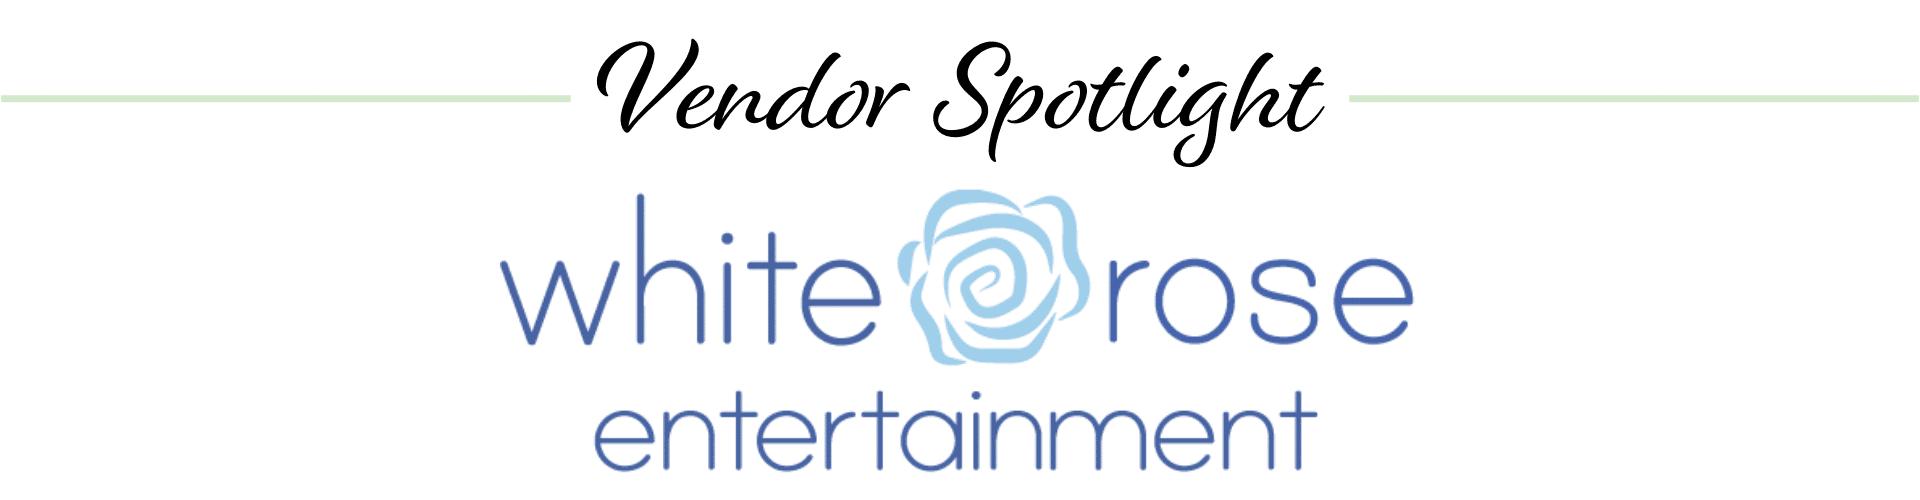 White Rose Entertainment logo